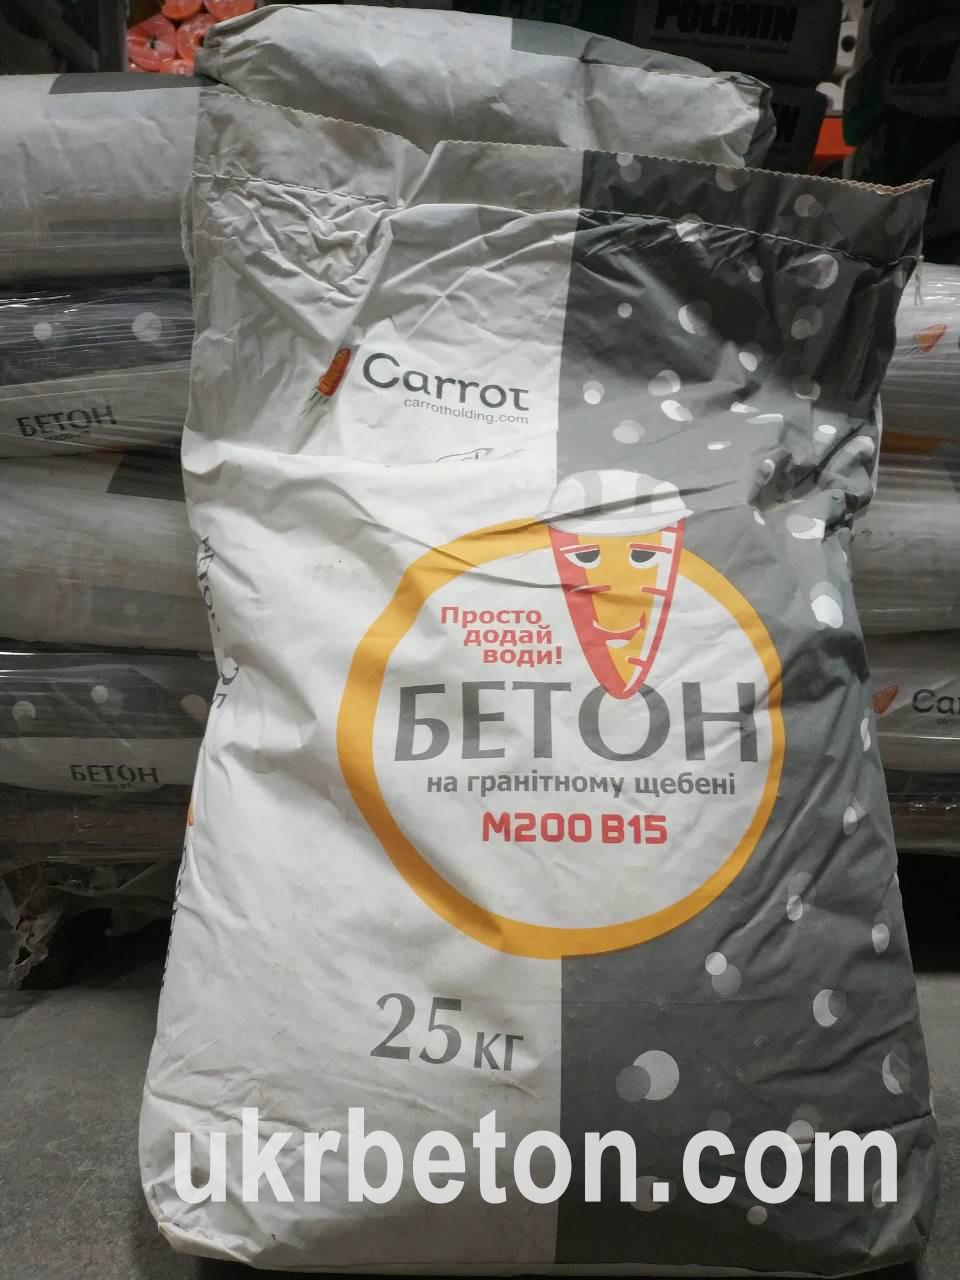 Rbt бетон в15 купить бу глубинный вибратор для бетона